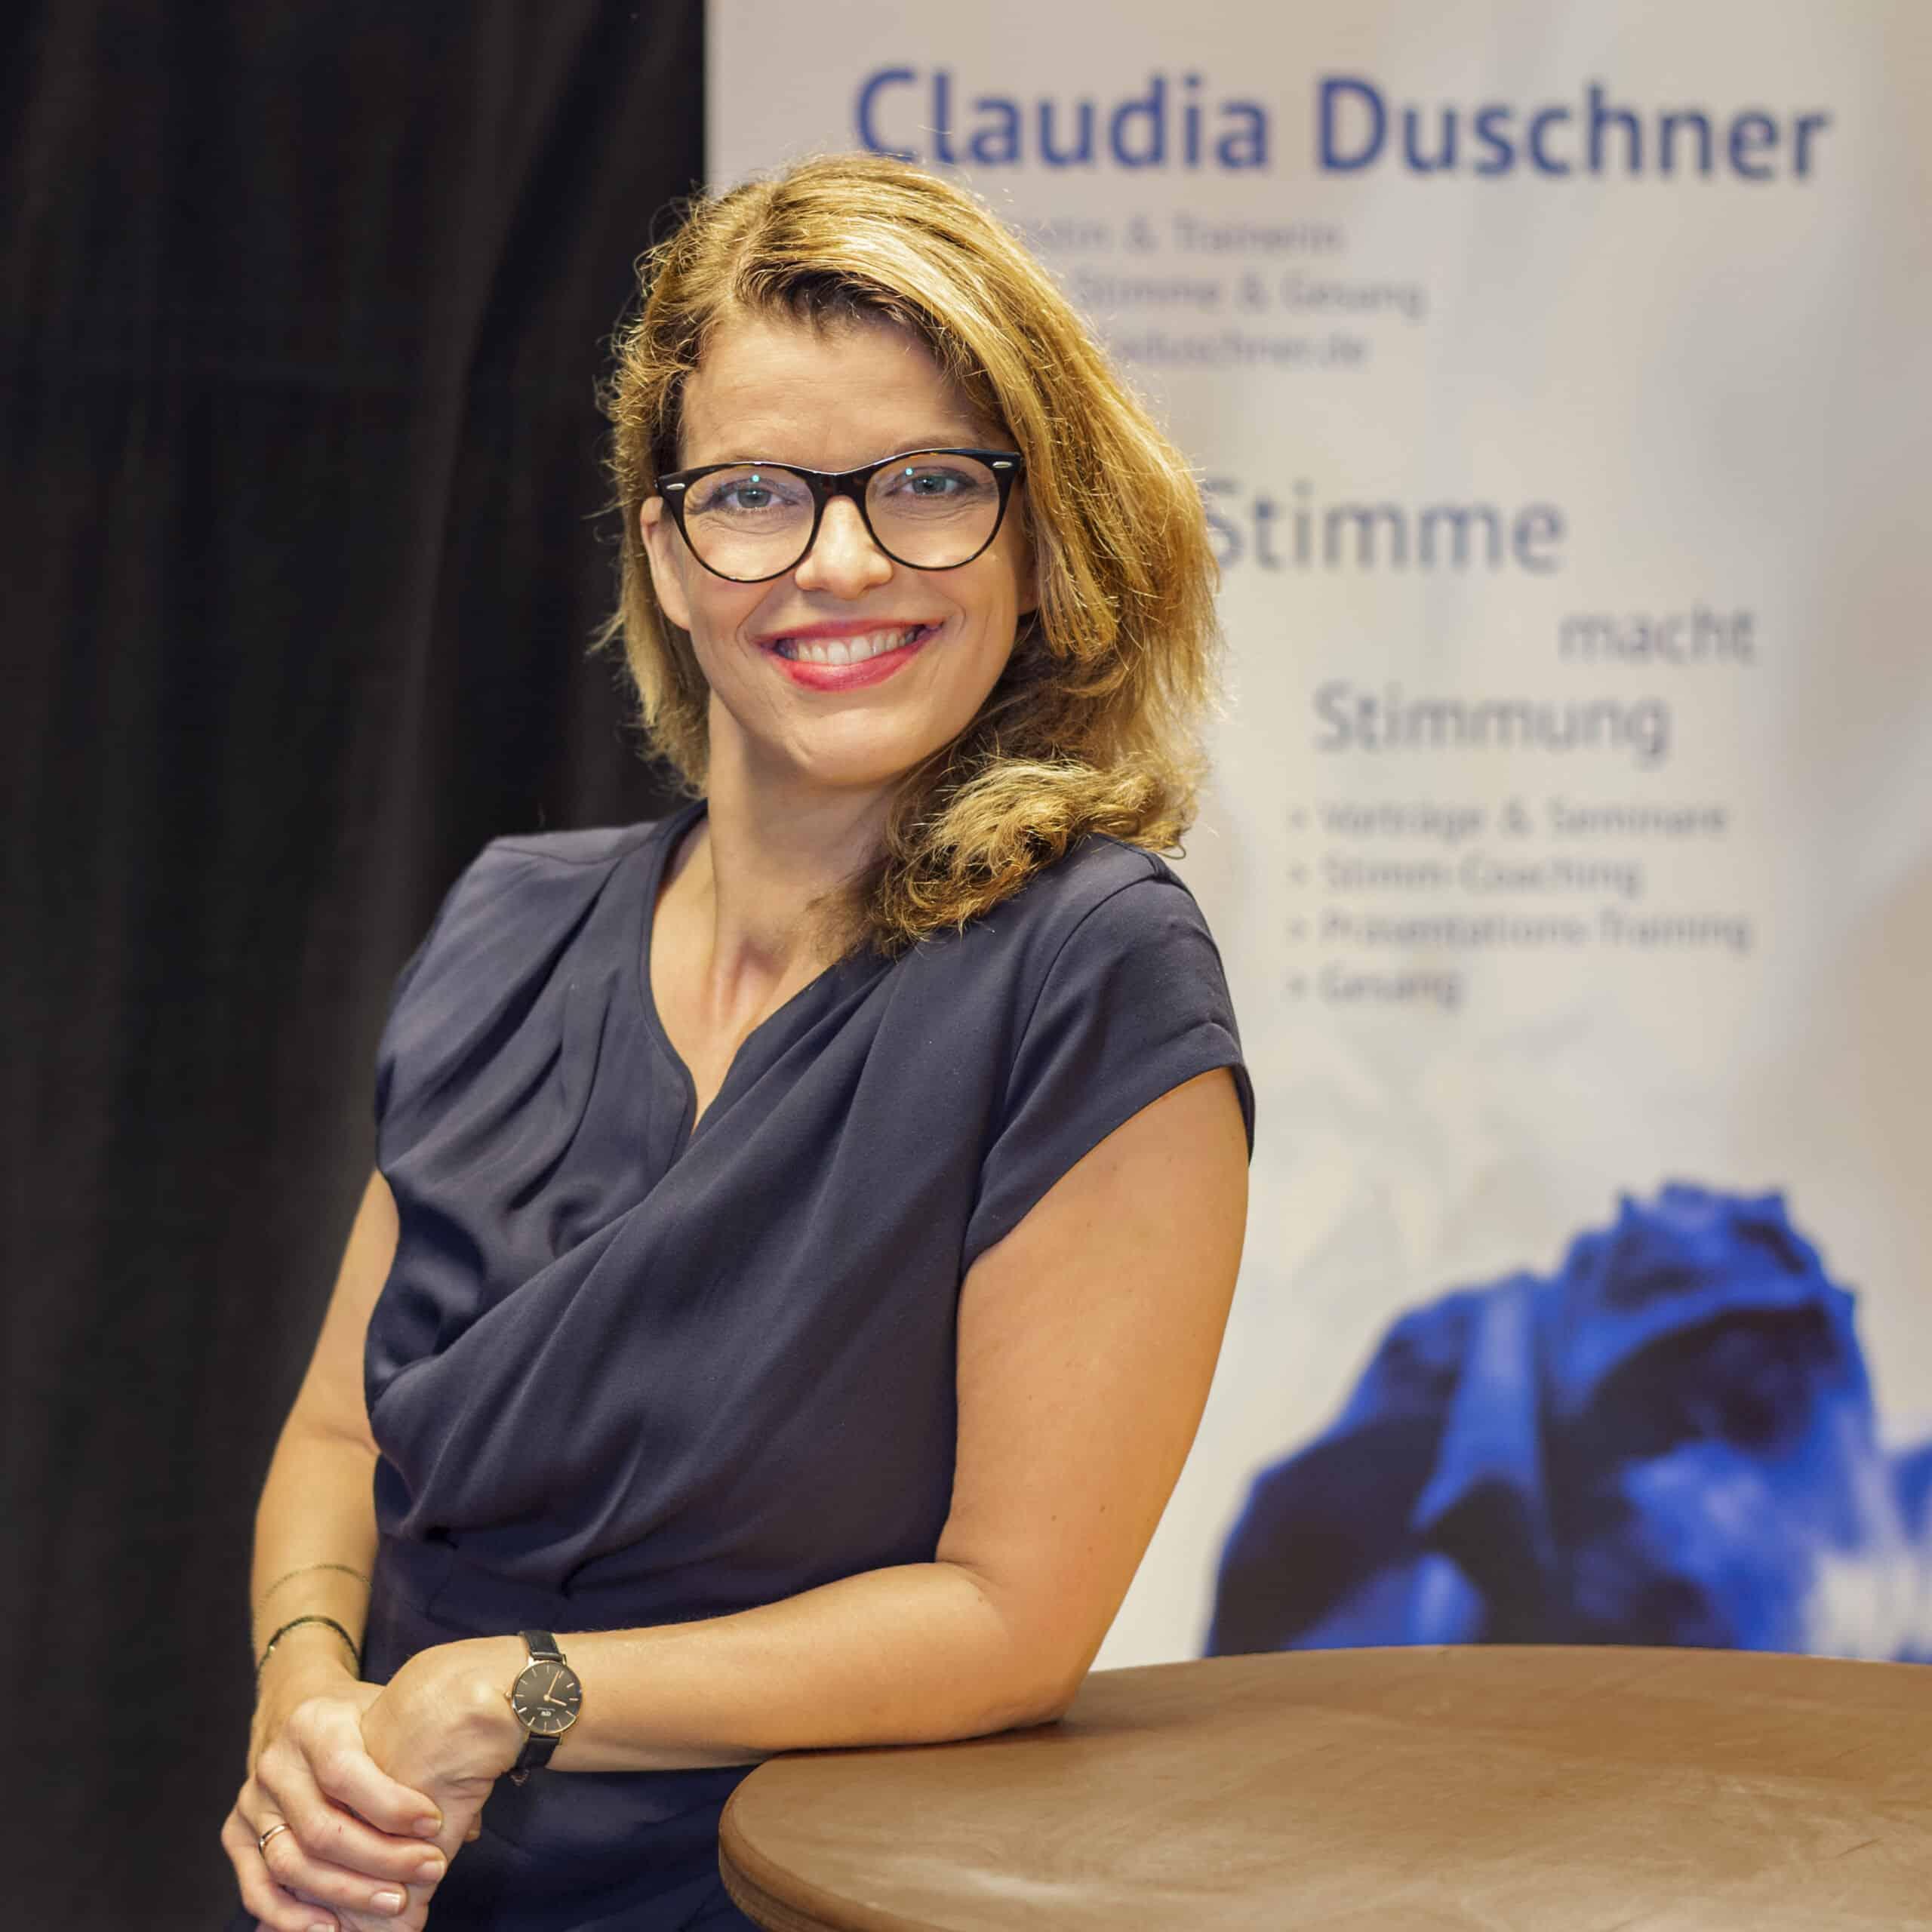 Claudia Duschner